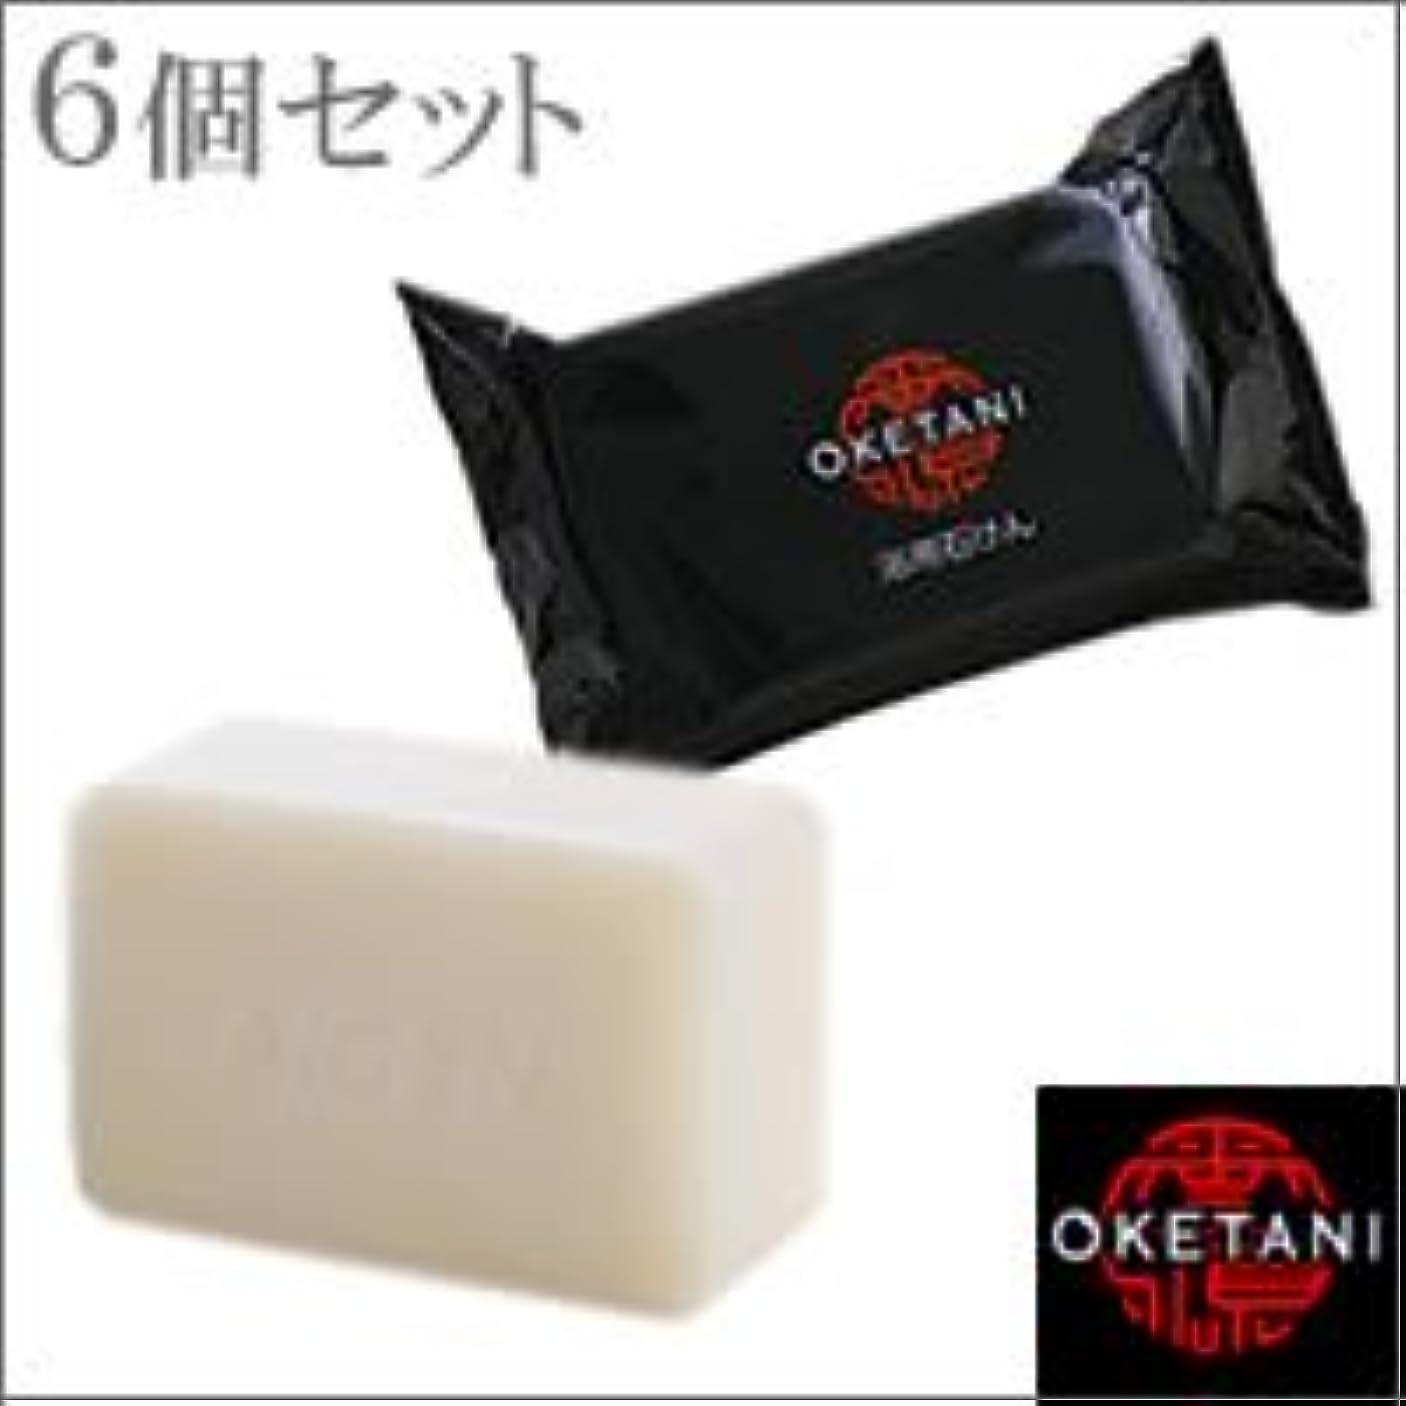 ベーコンカプセル人種item_name:桶谷石鹸 アイゲン 浴用石けん 120g×6個